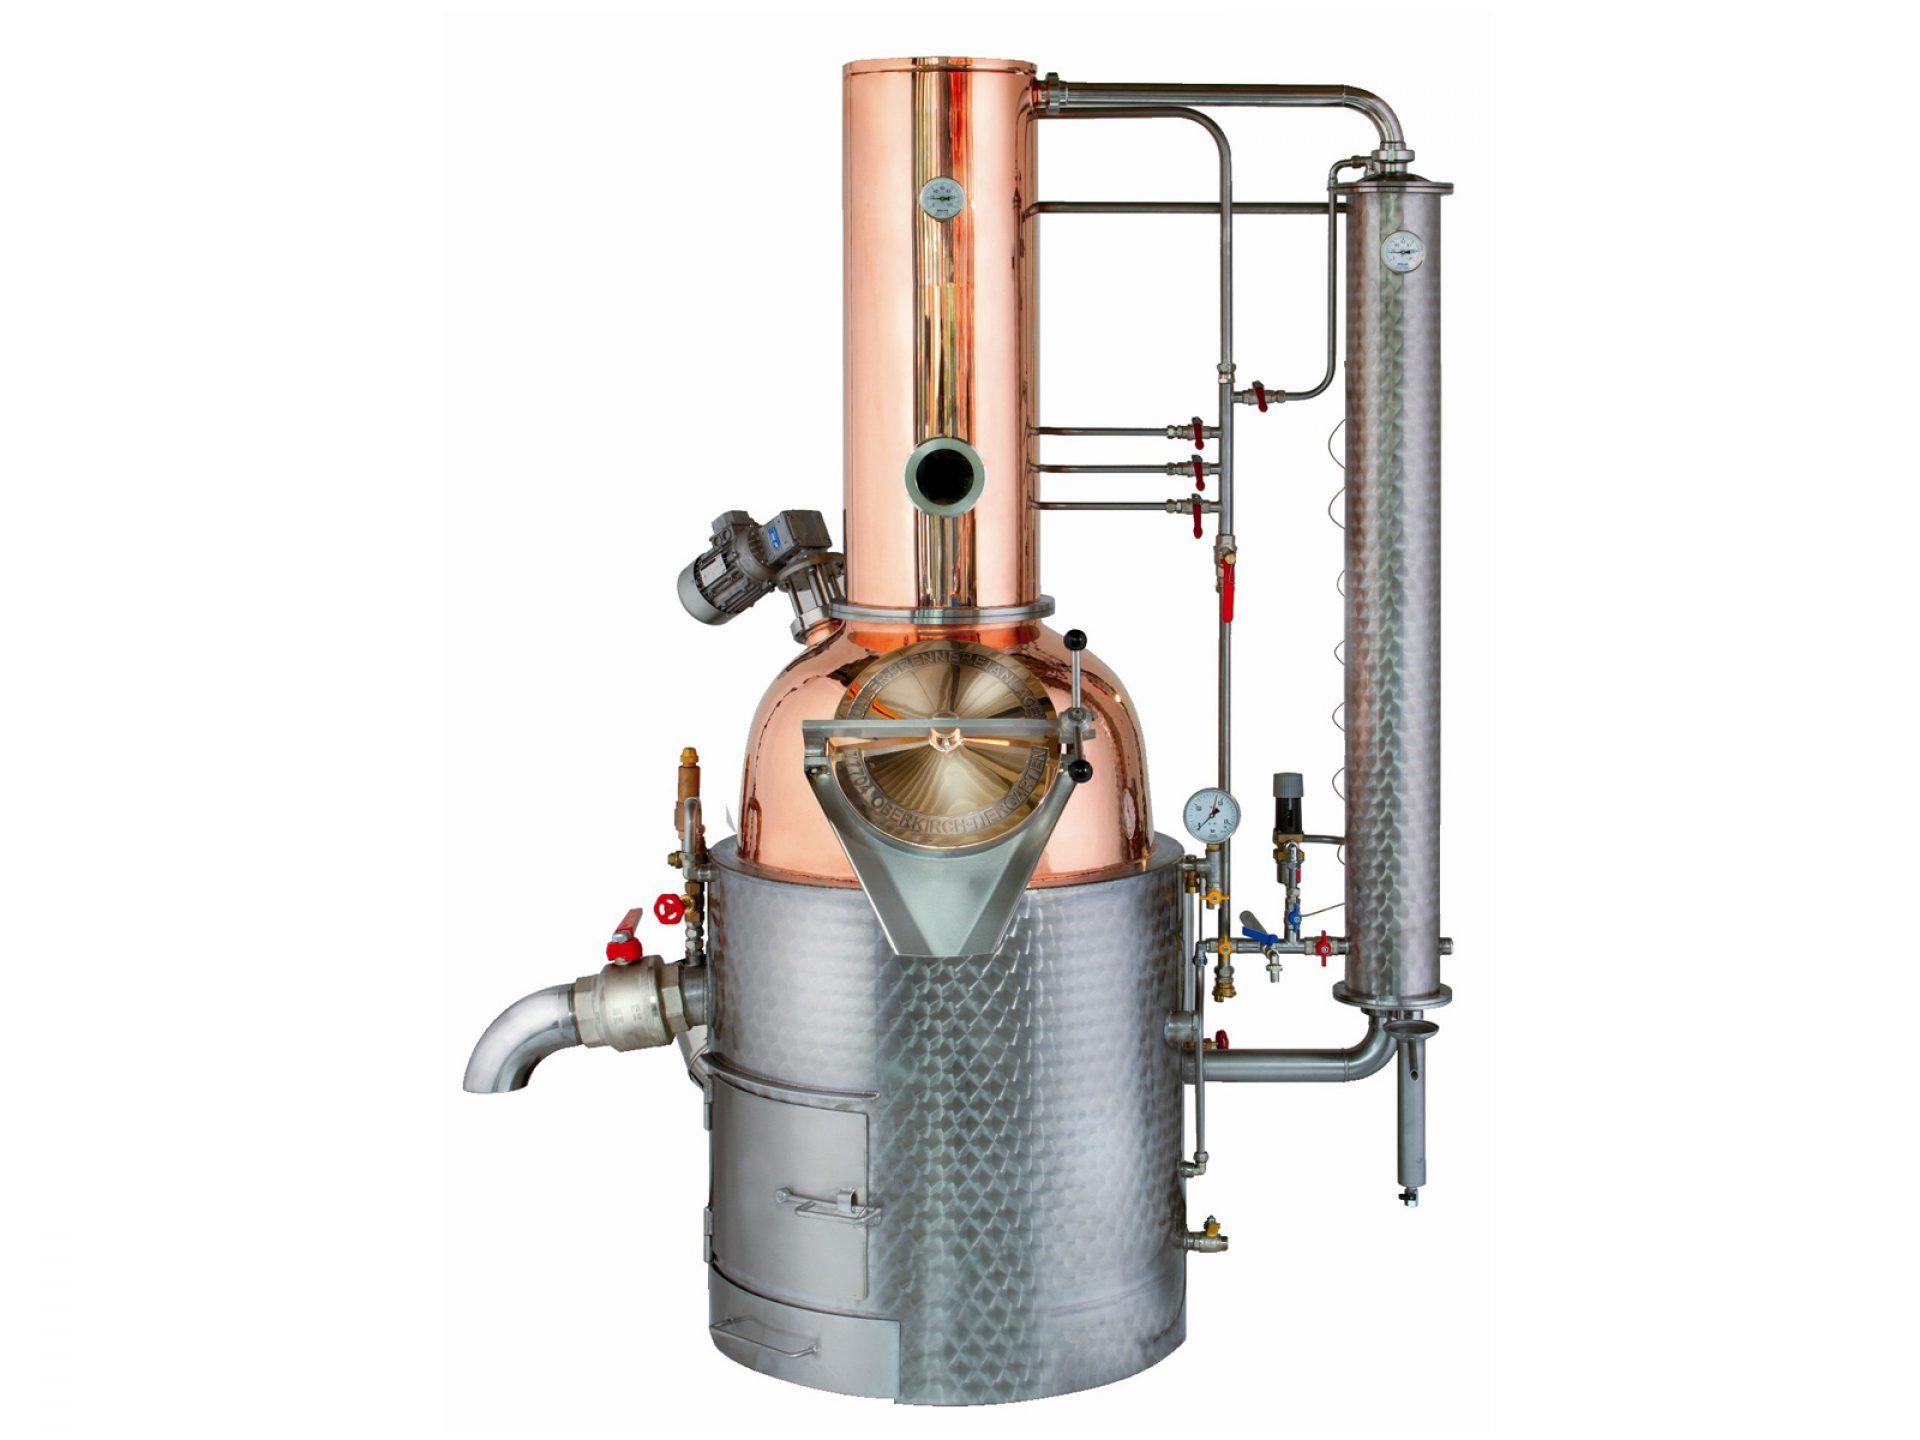 mueller-brennereianlagen-aroma-compact03